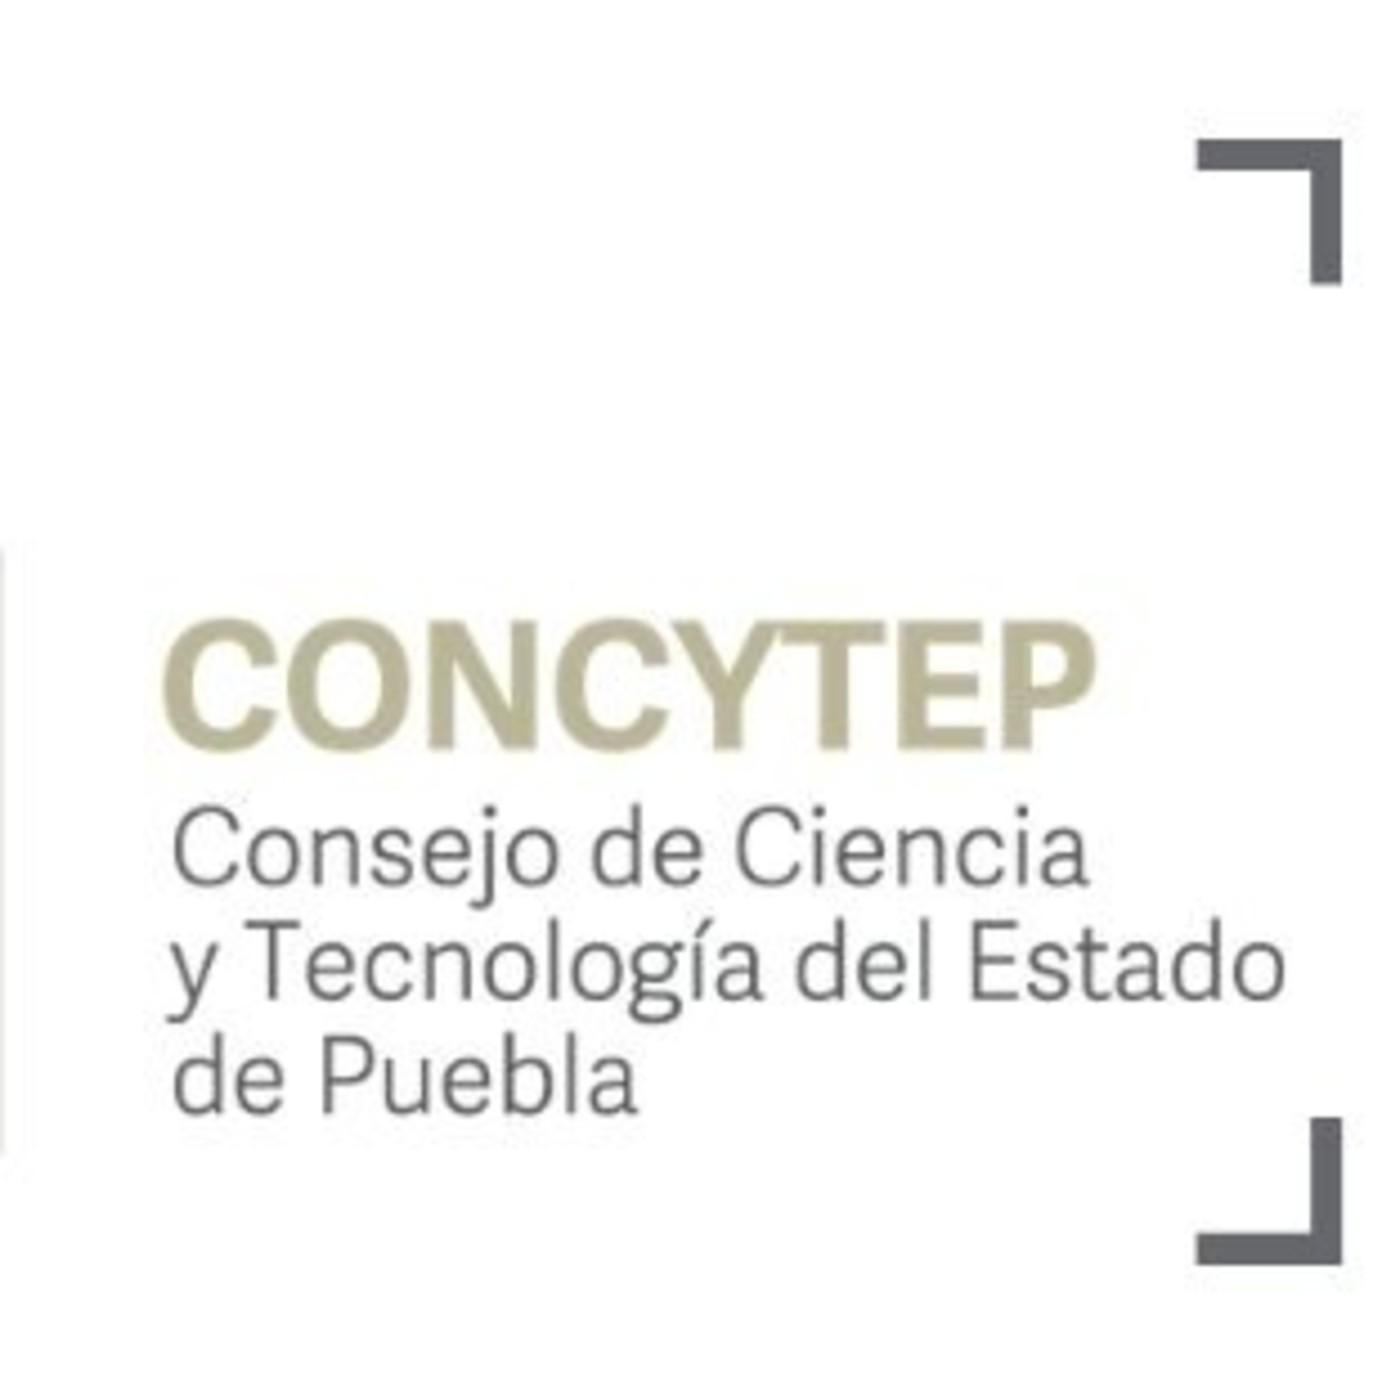 Desarrollando Ciencia | 19 de octubre 2020